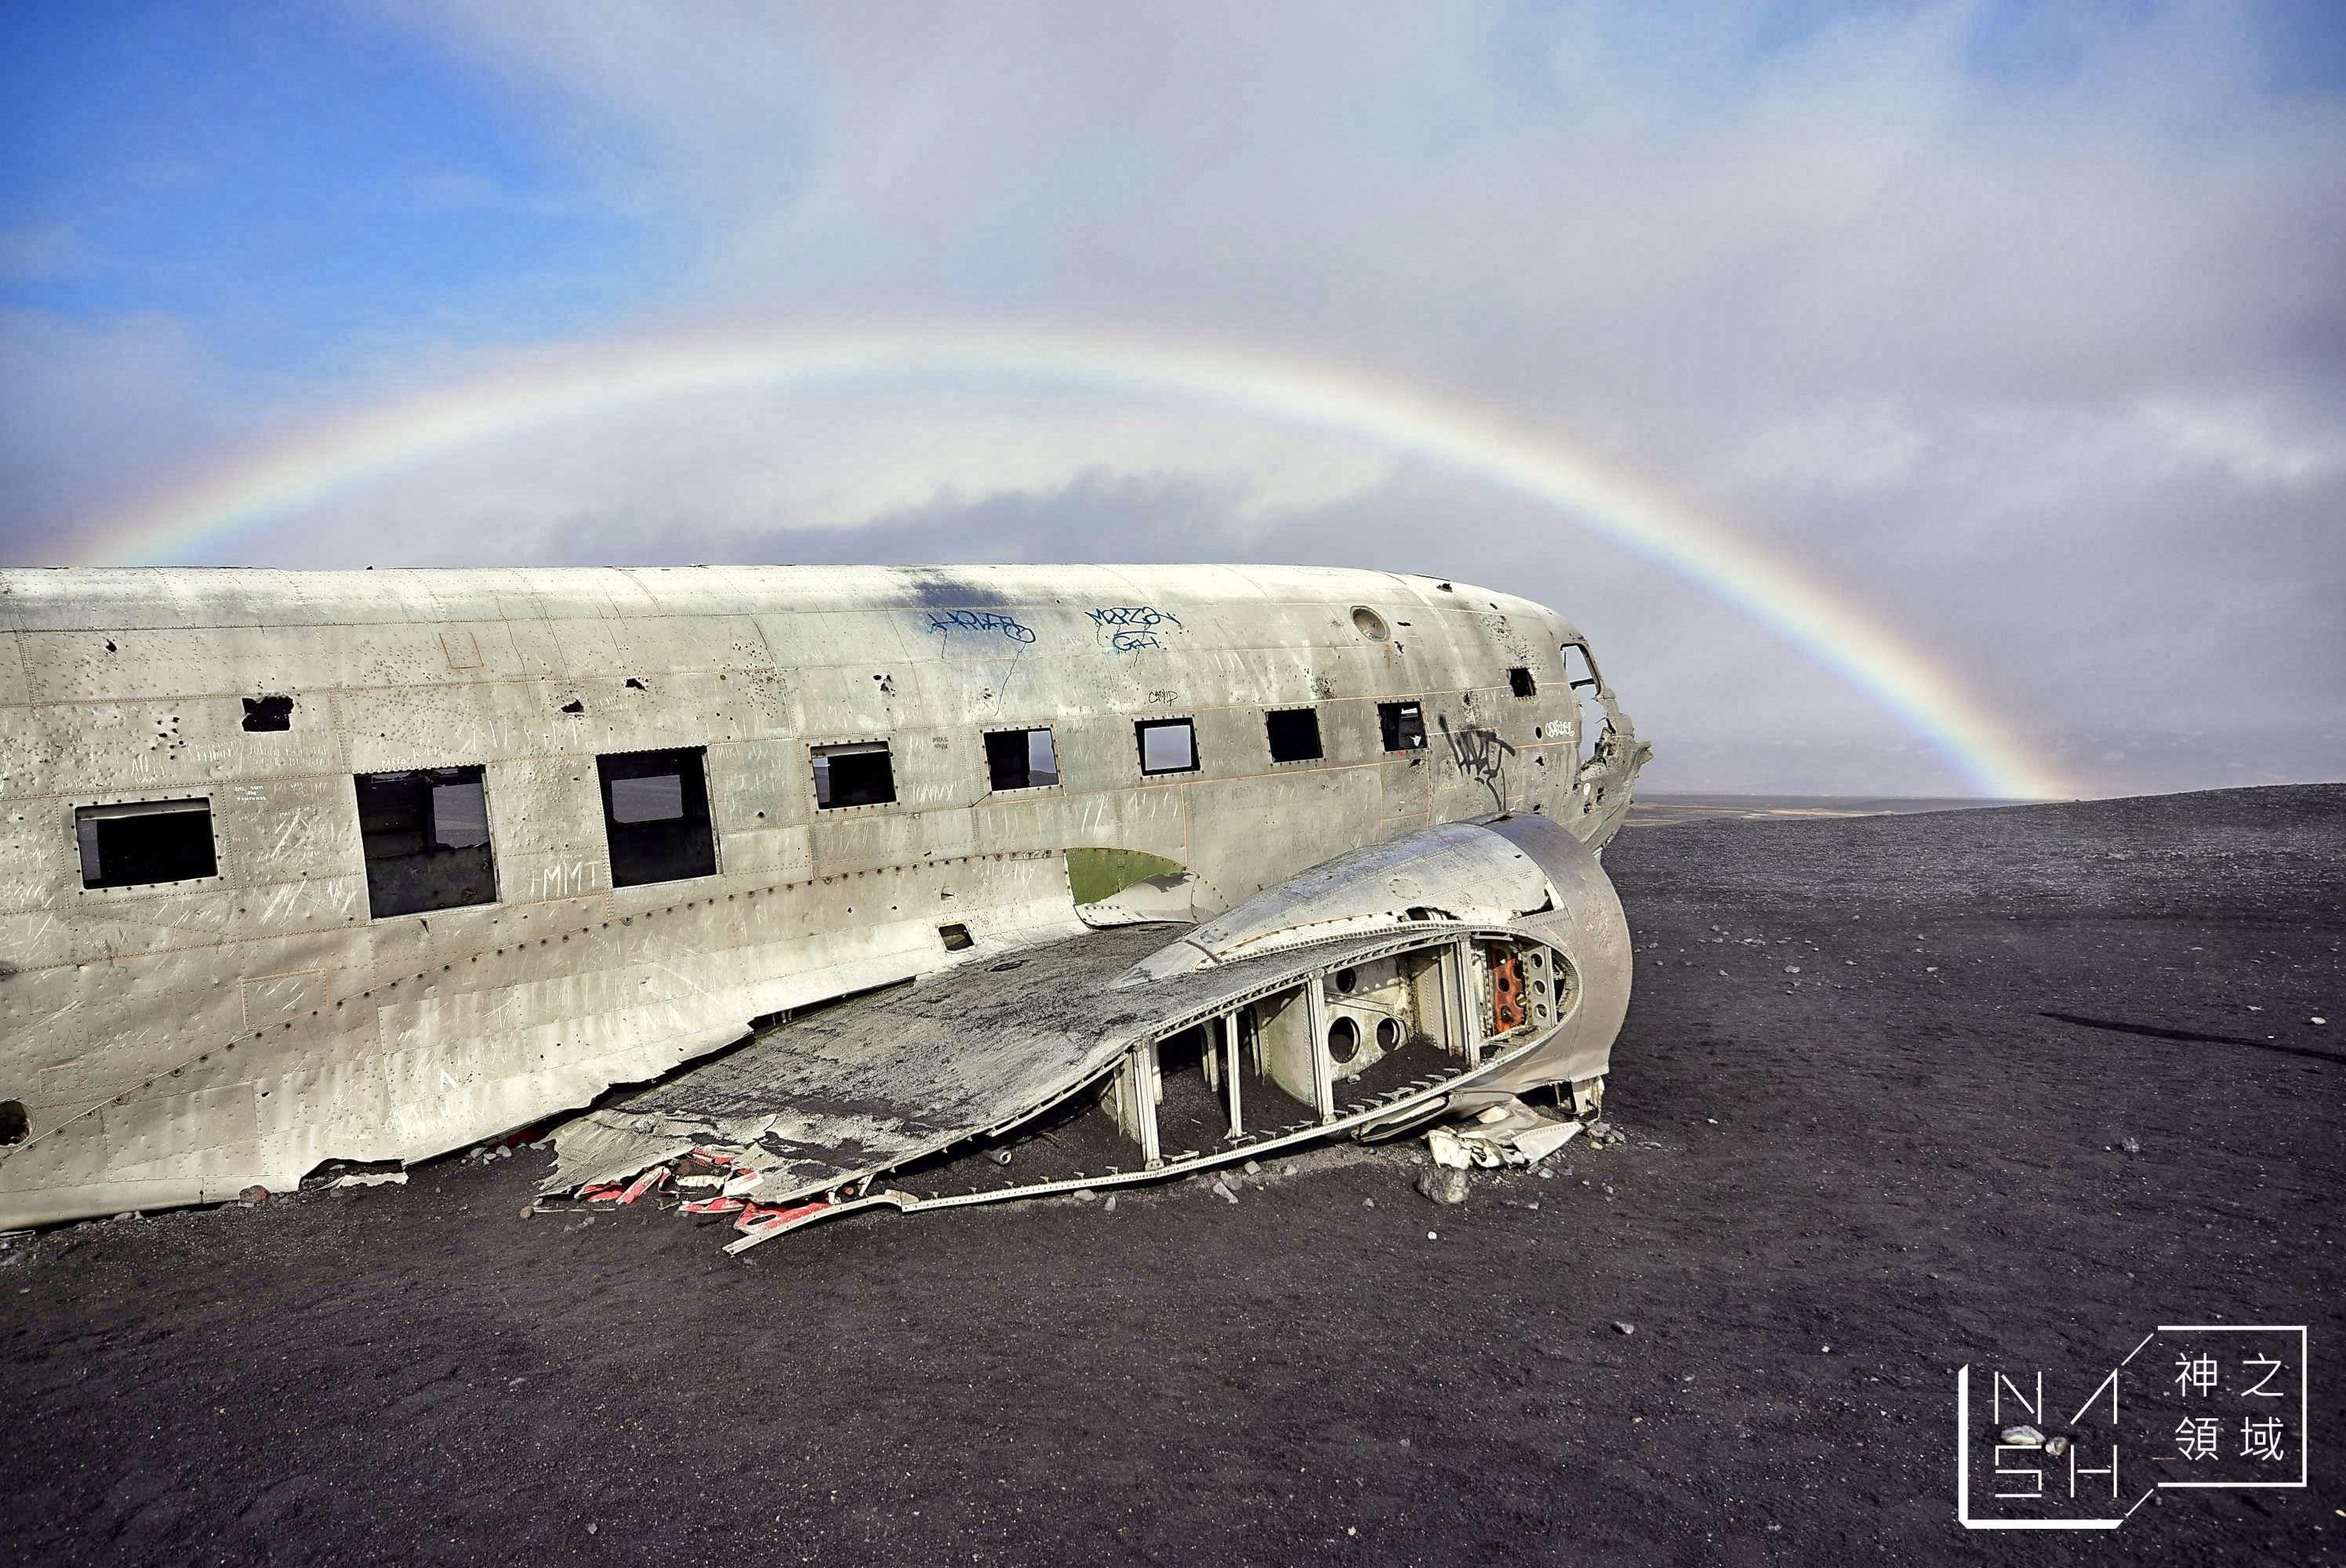 冰島自助景點,Solheimasandur Plane Wreck,飛機殘骸,冰島飛機殘骸 @Nash,神之領域